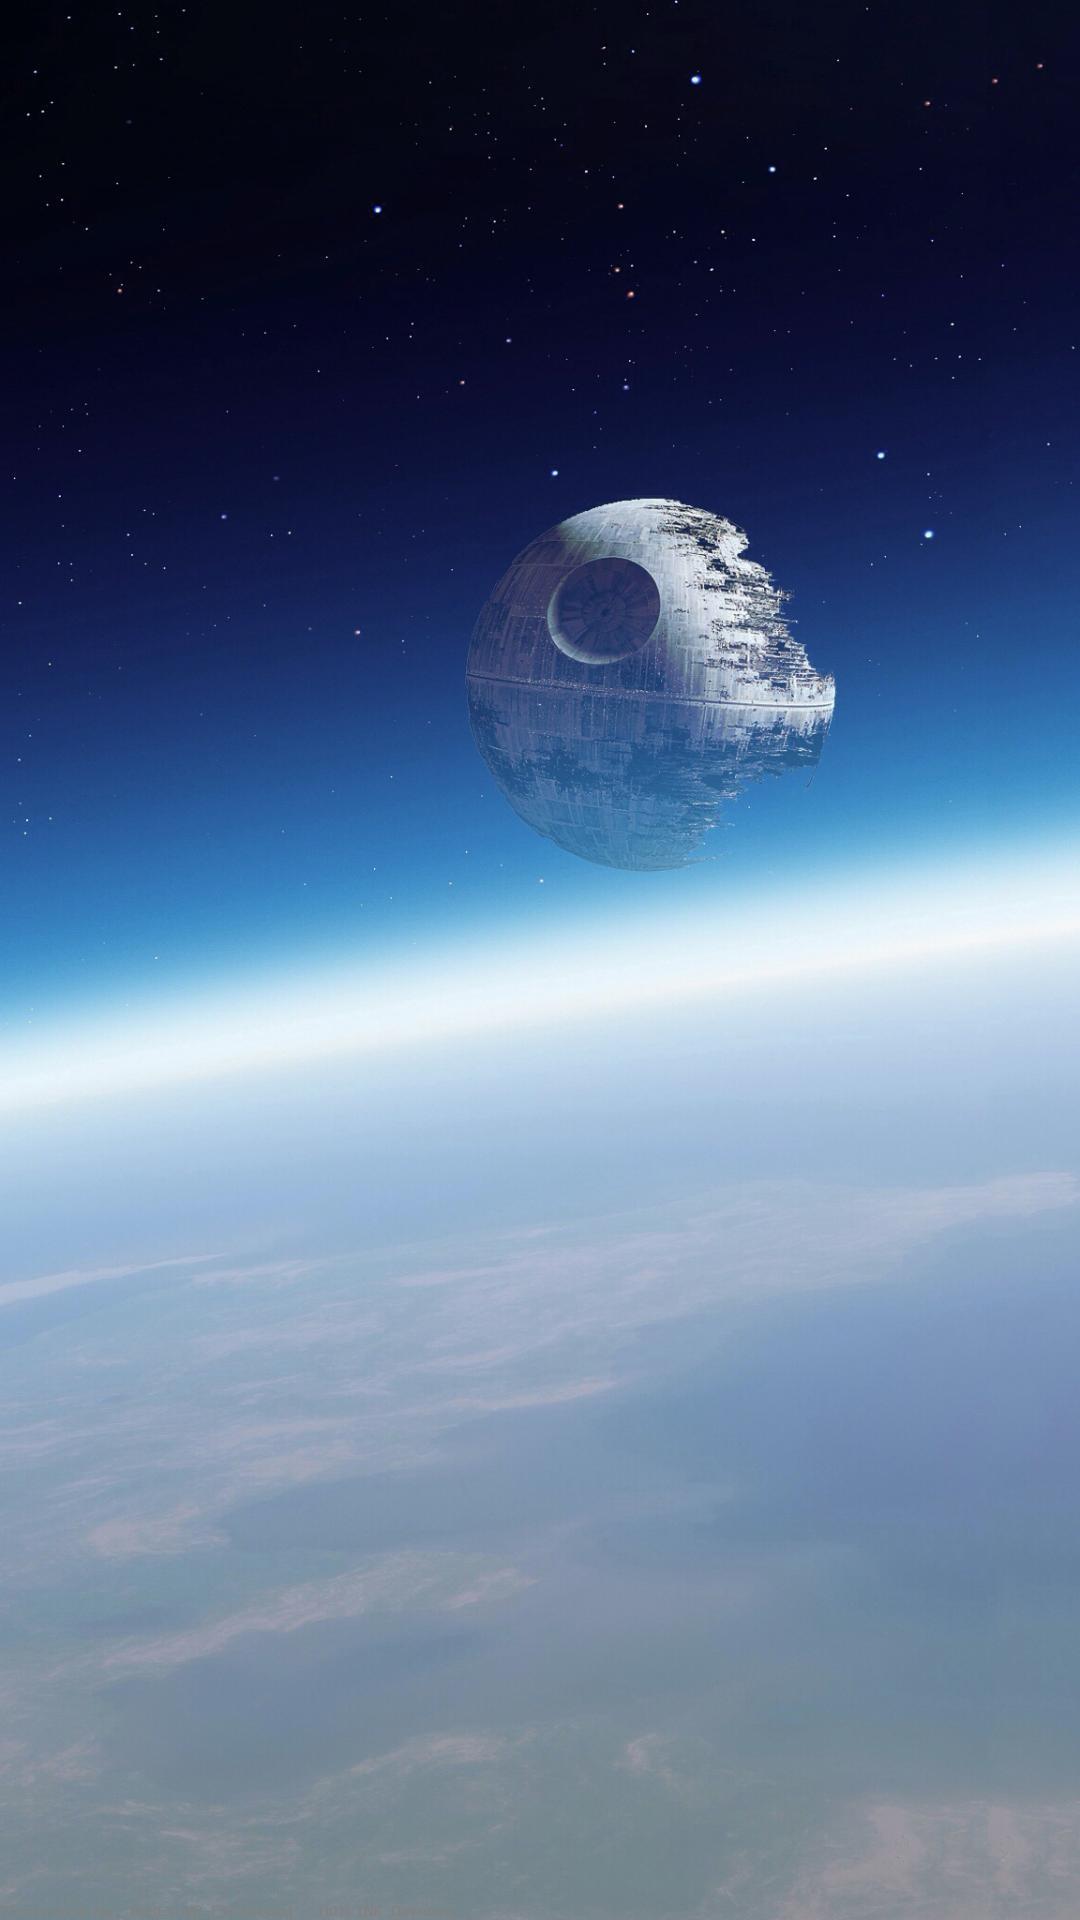 Star-Wars-Return-of-the-Jedi-wallpaper-wp38010453